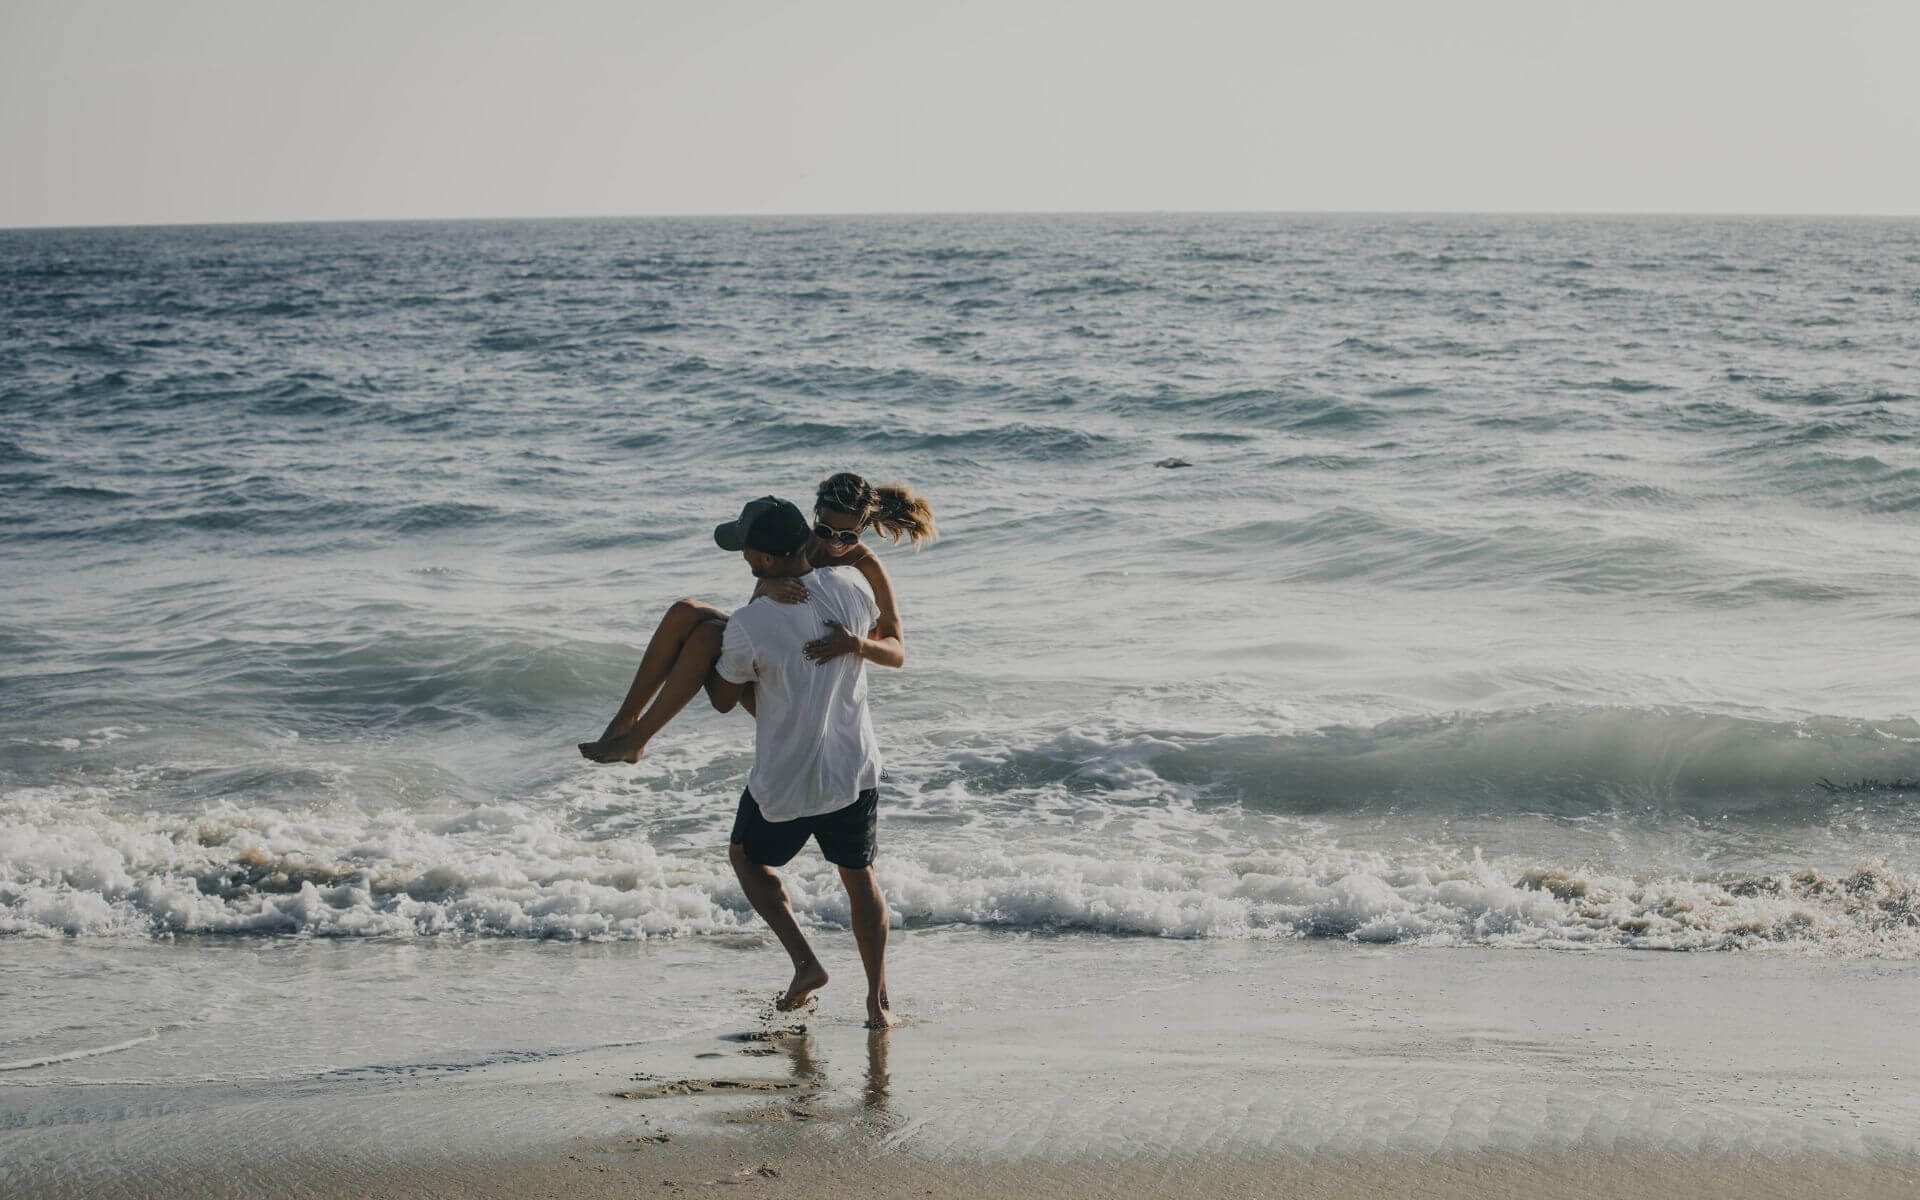 Das Geheimnis für eine glückliche Beziehung: 5 Eigenschaften erfolgreicher Partnerschaften